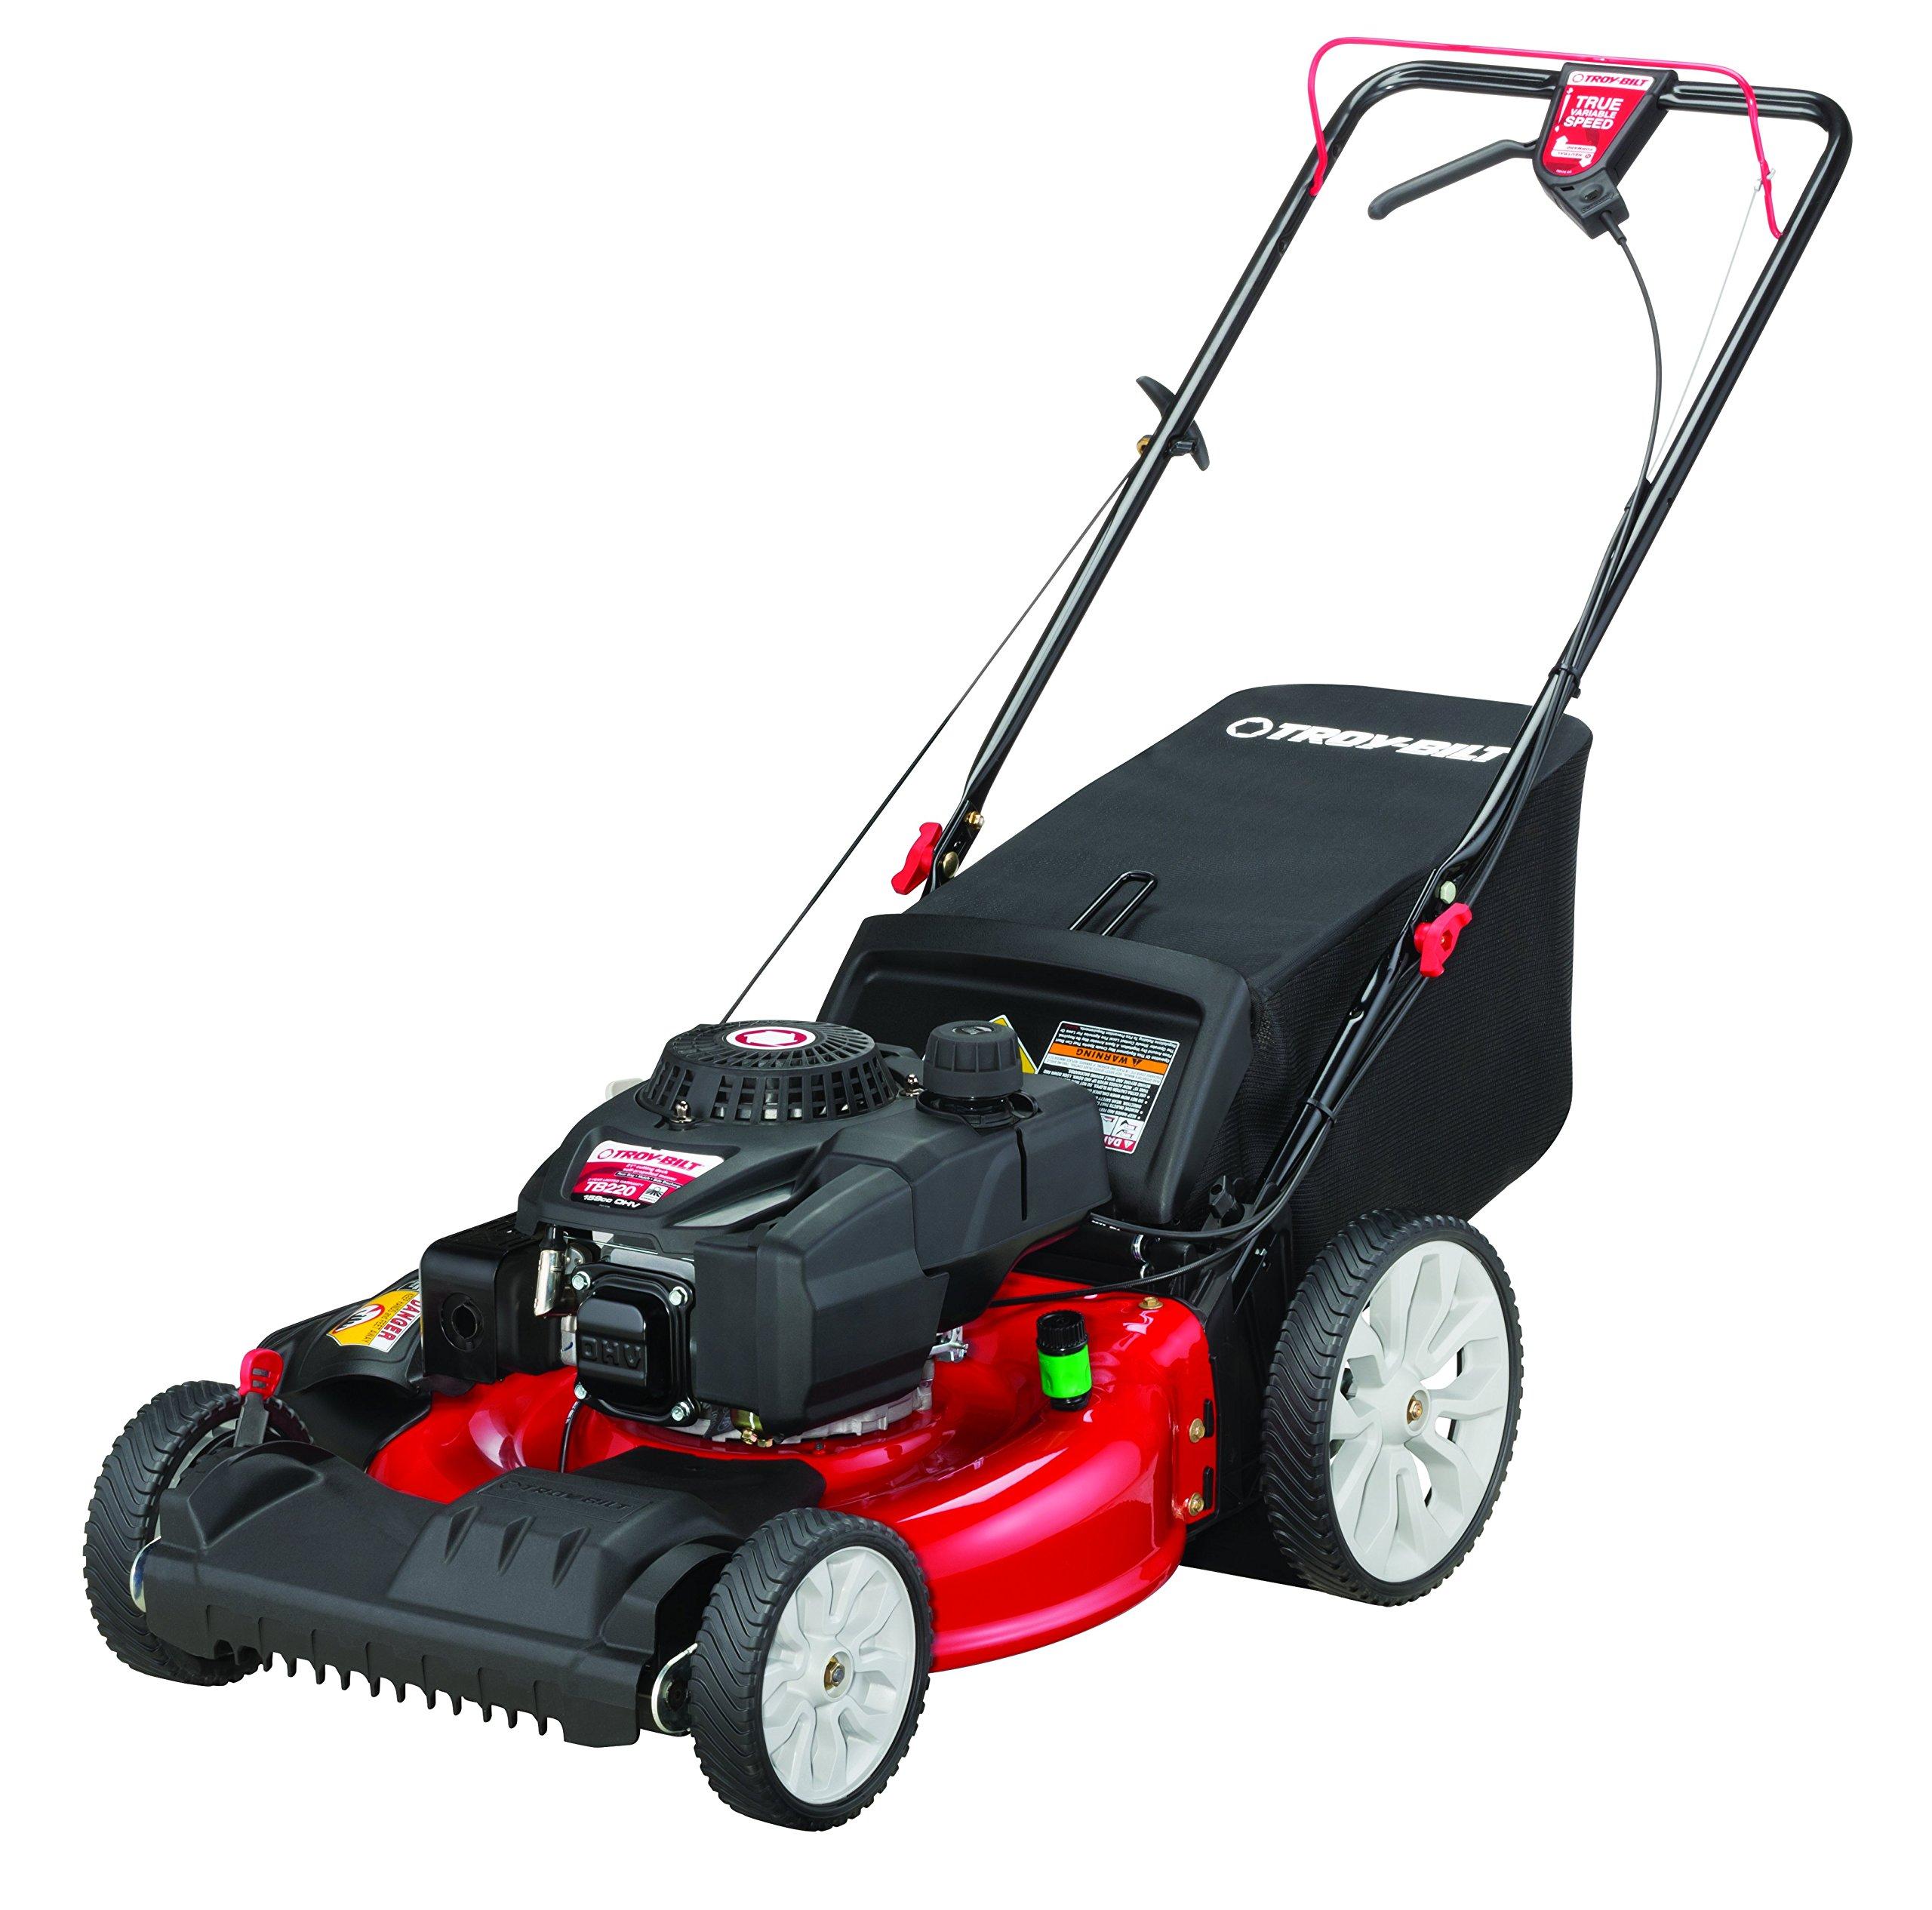 Troy-Bilt TB220 159cc 21-Inch FWD High Wheel Self-Propelled Lawn Mower